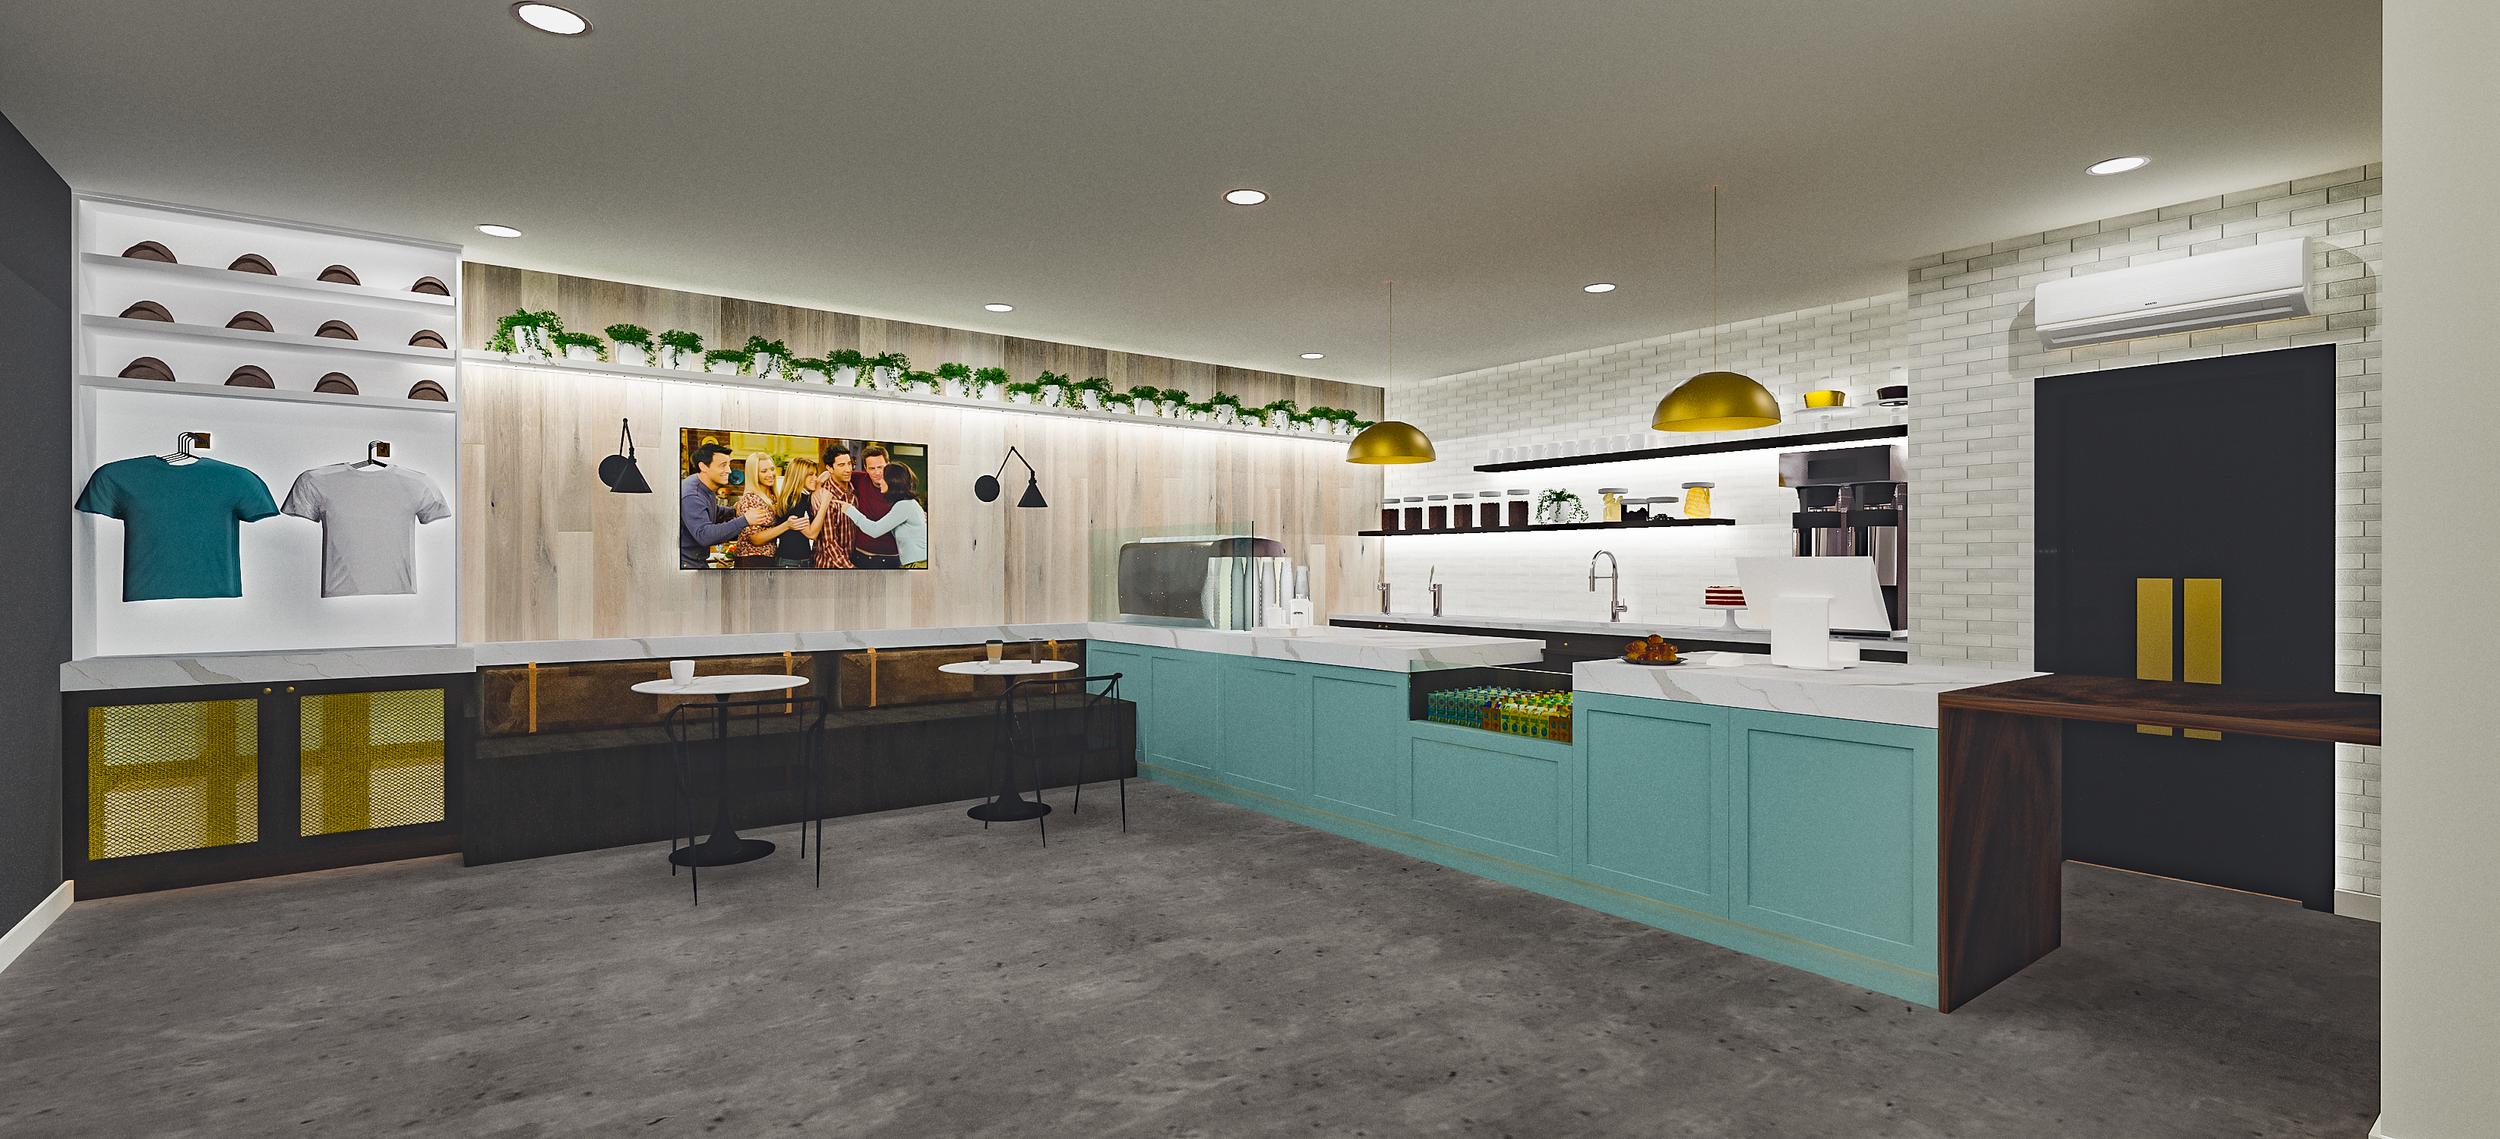 Cafe Rendering   Designed by Antoinette Designs.png